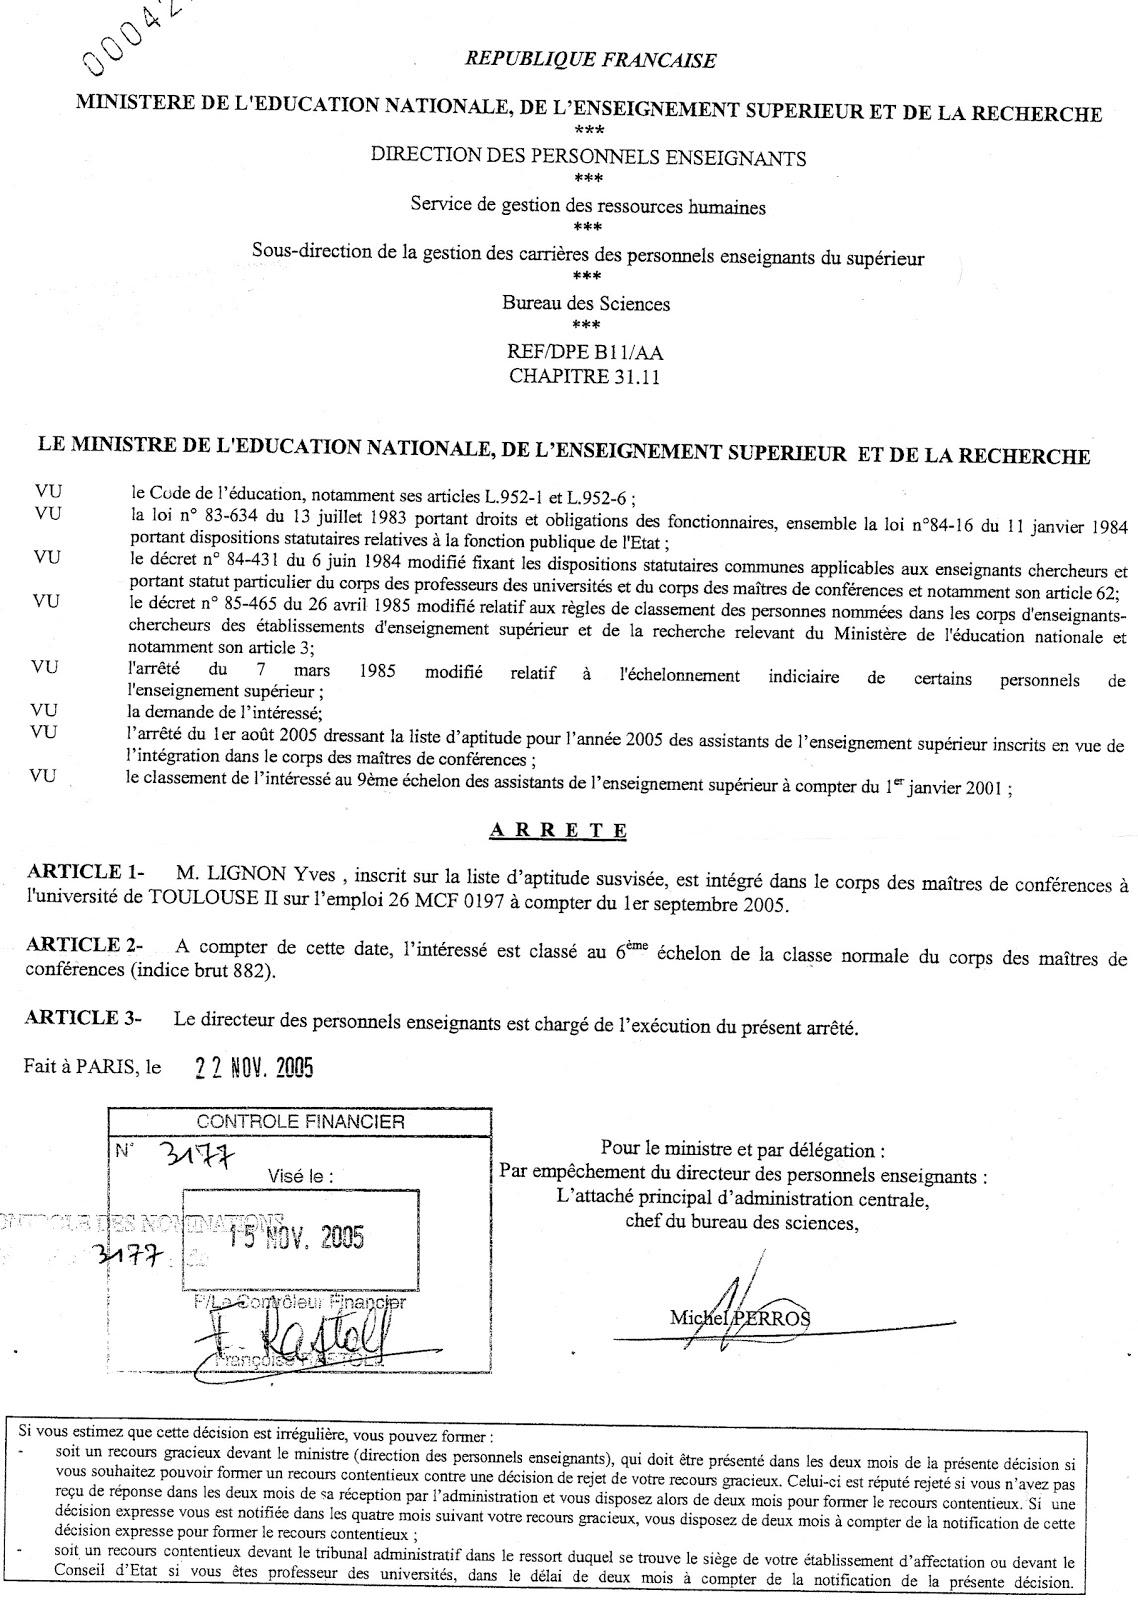 Millenaire le blog de richard d nolane censure - Grille indiciaire maitre de conference ...